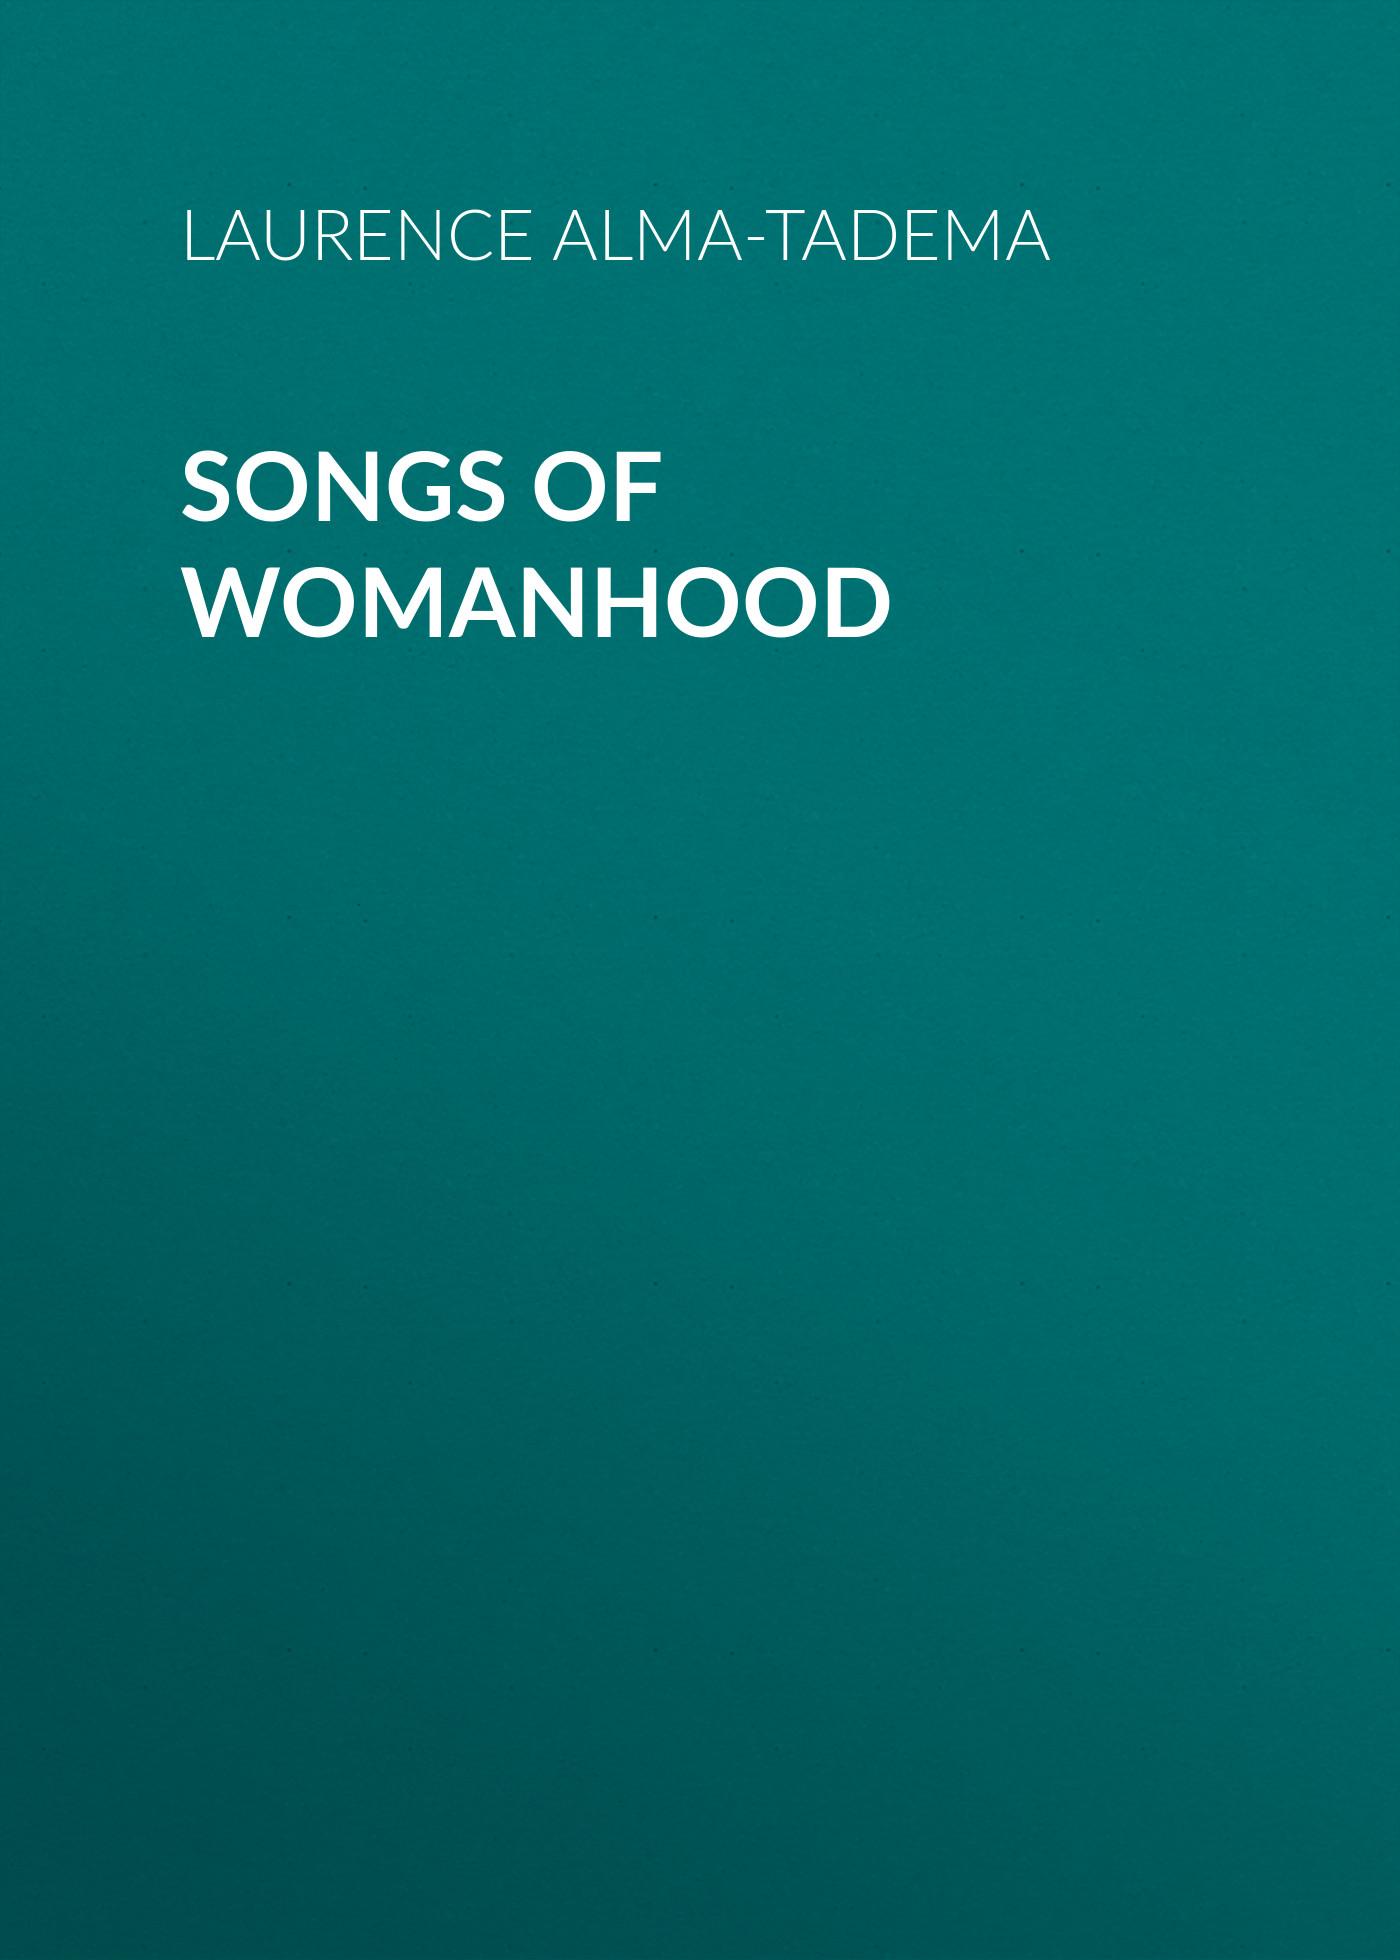 songs of womanhood